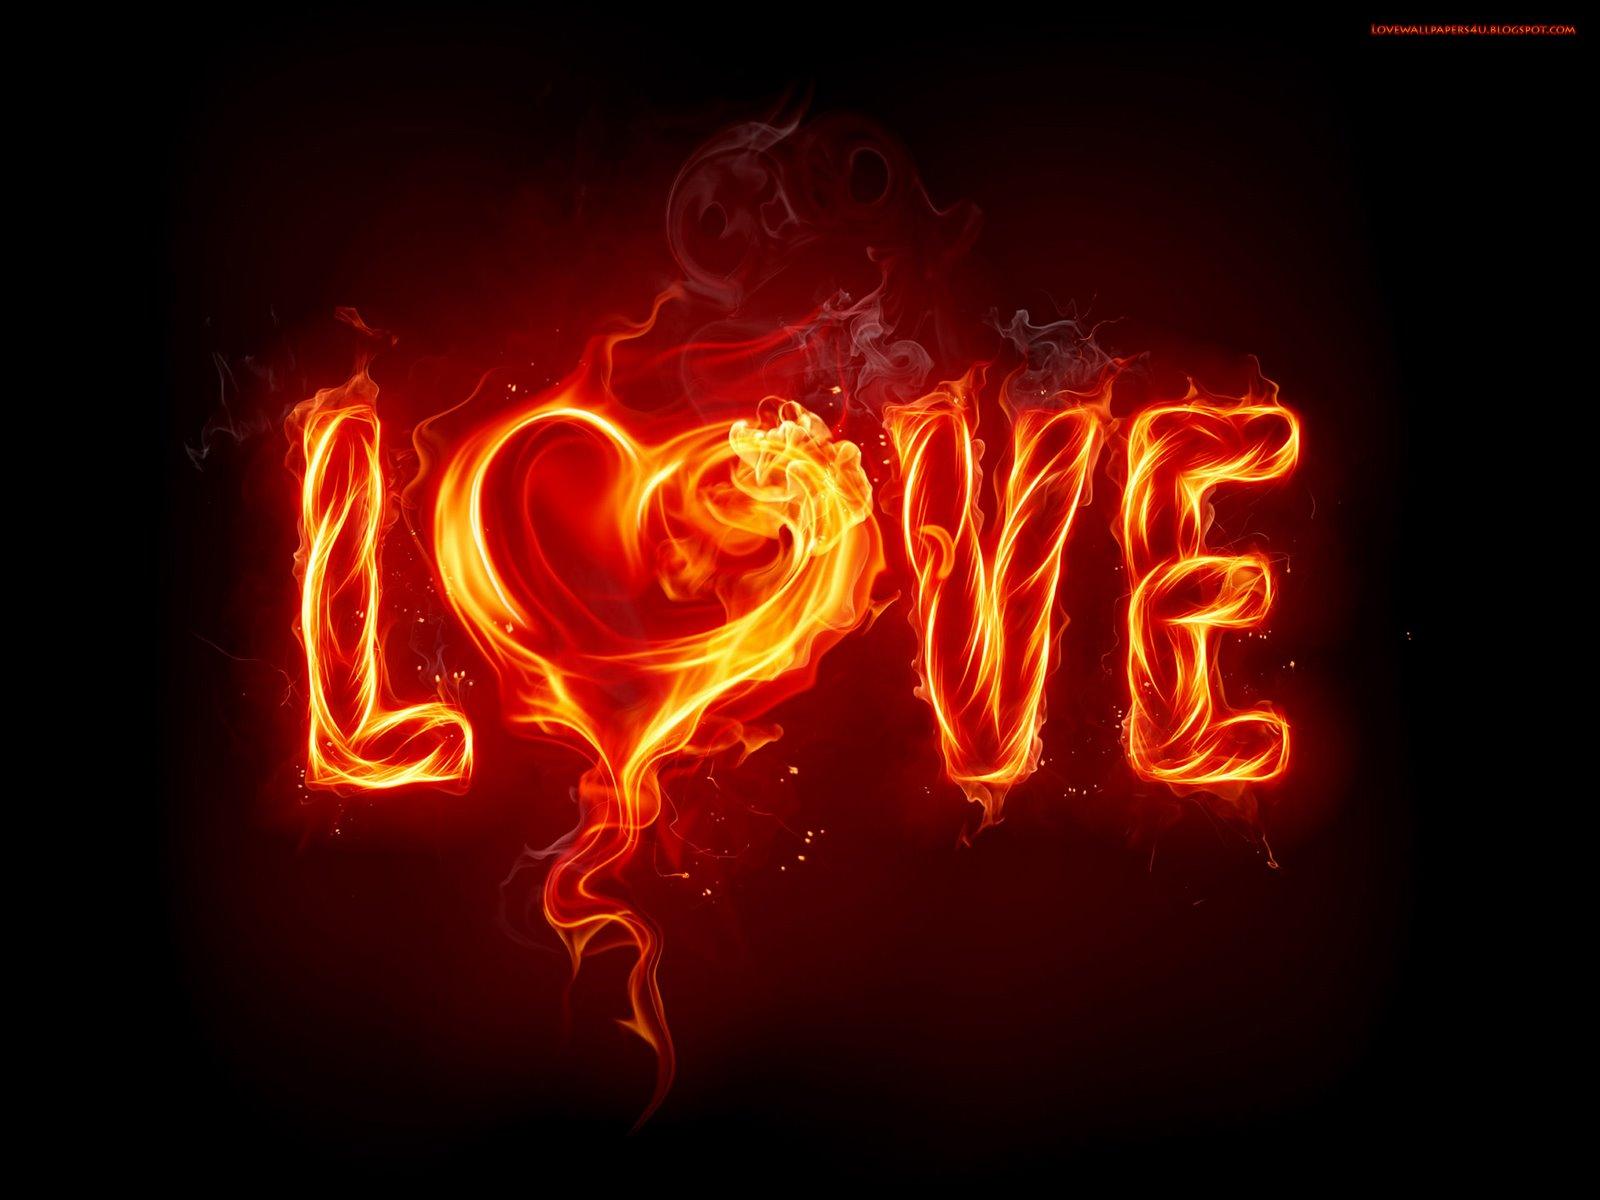 http://2.bp.blogspot.com/-2YiEy2U4BaM/TrmoknMemOI/AAAAAAAABno/_NTr9b4asws/s1600/Hotness+of+Love+wallpaper.jpg